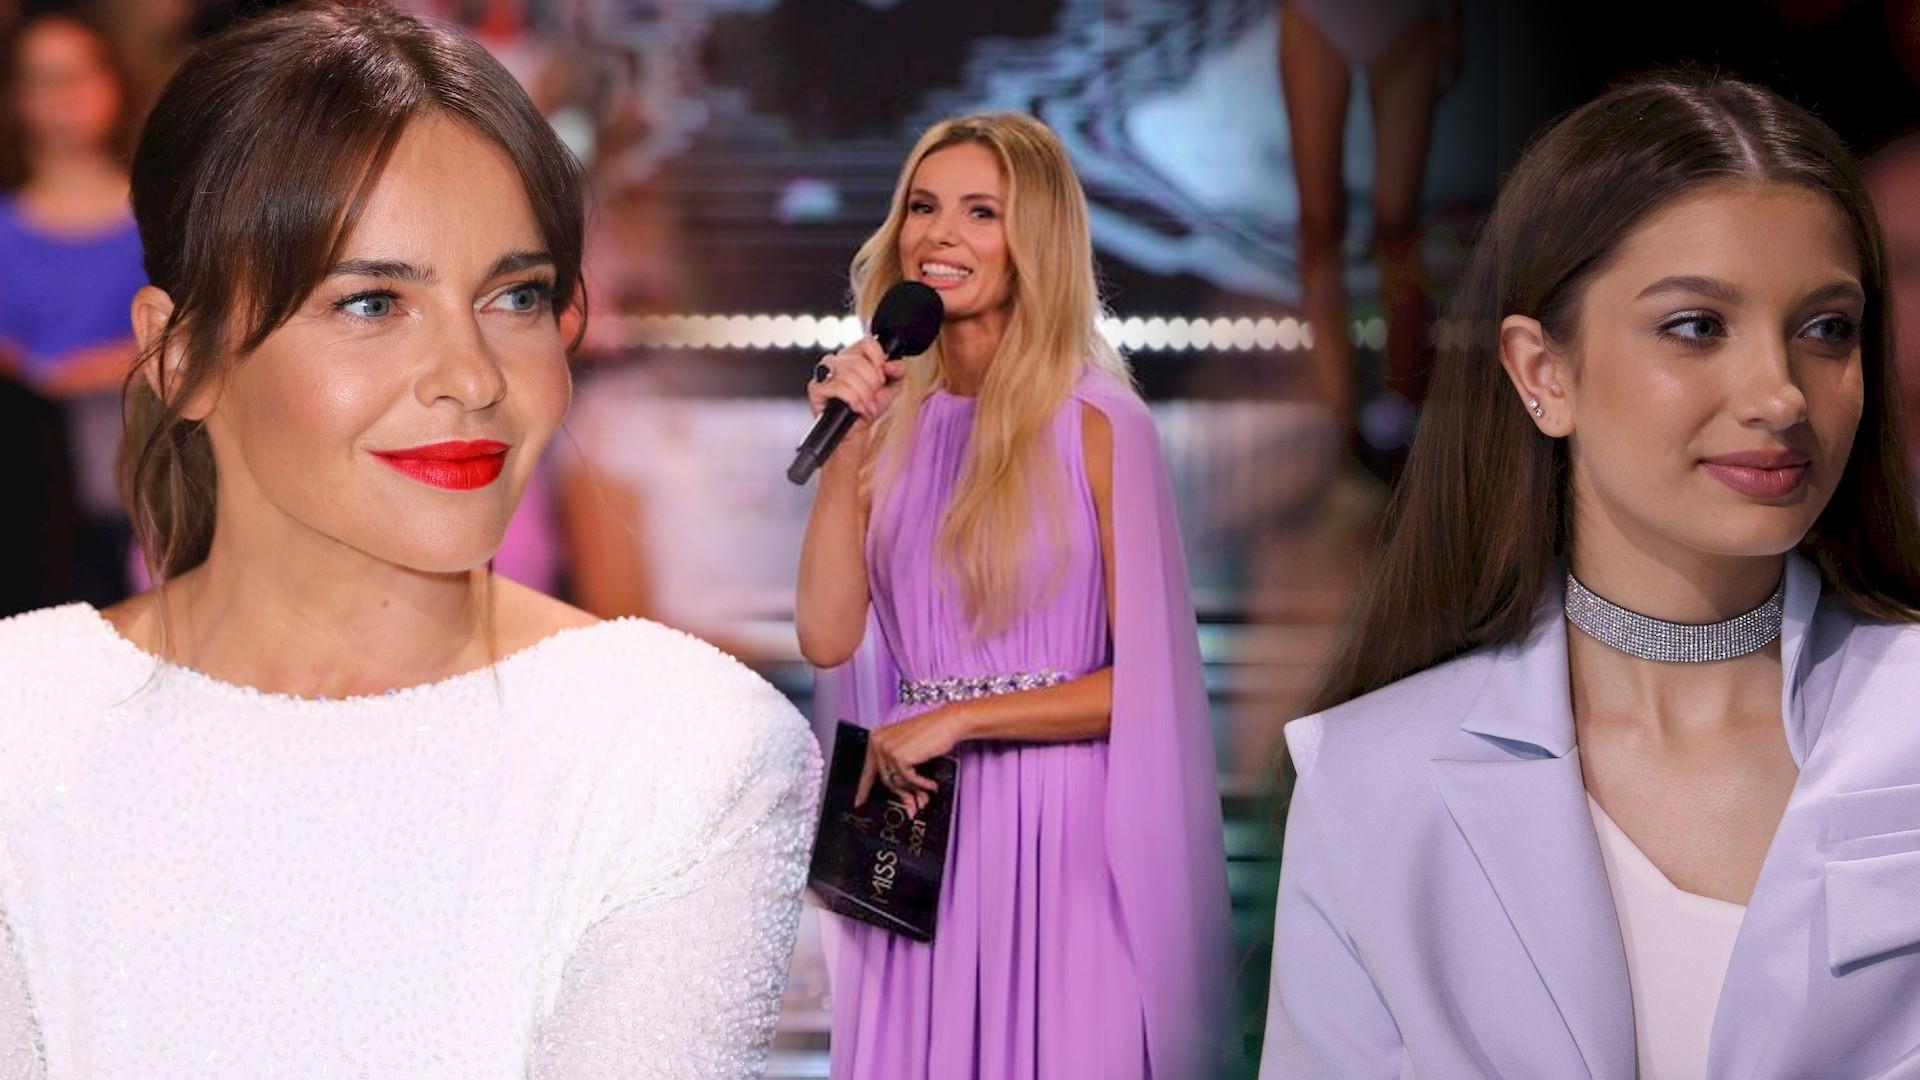 Gwiazdy na Miss Polski: Izabela Janachowska w fioletowej kreacji, Edyta Herbuś, Viola Piekut…